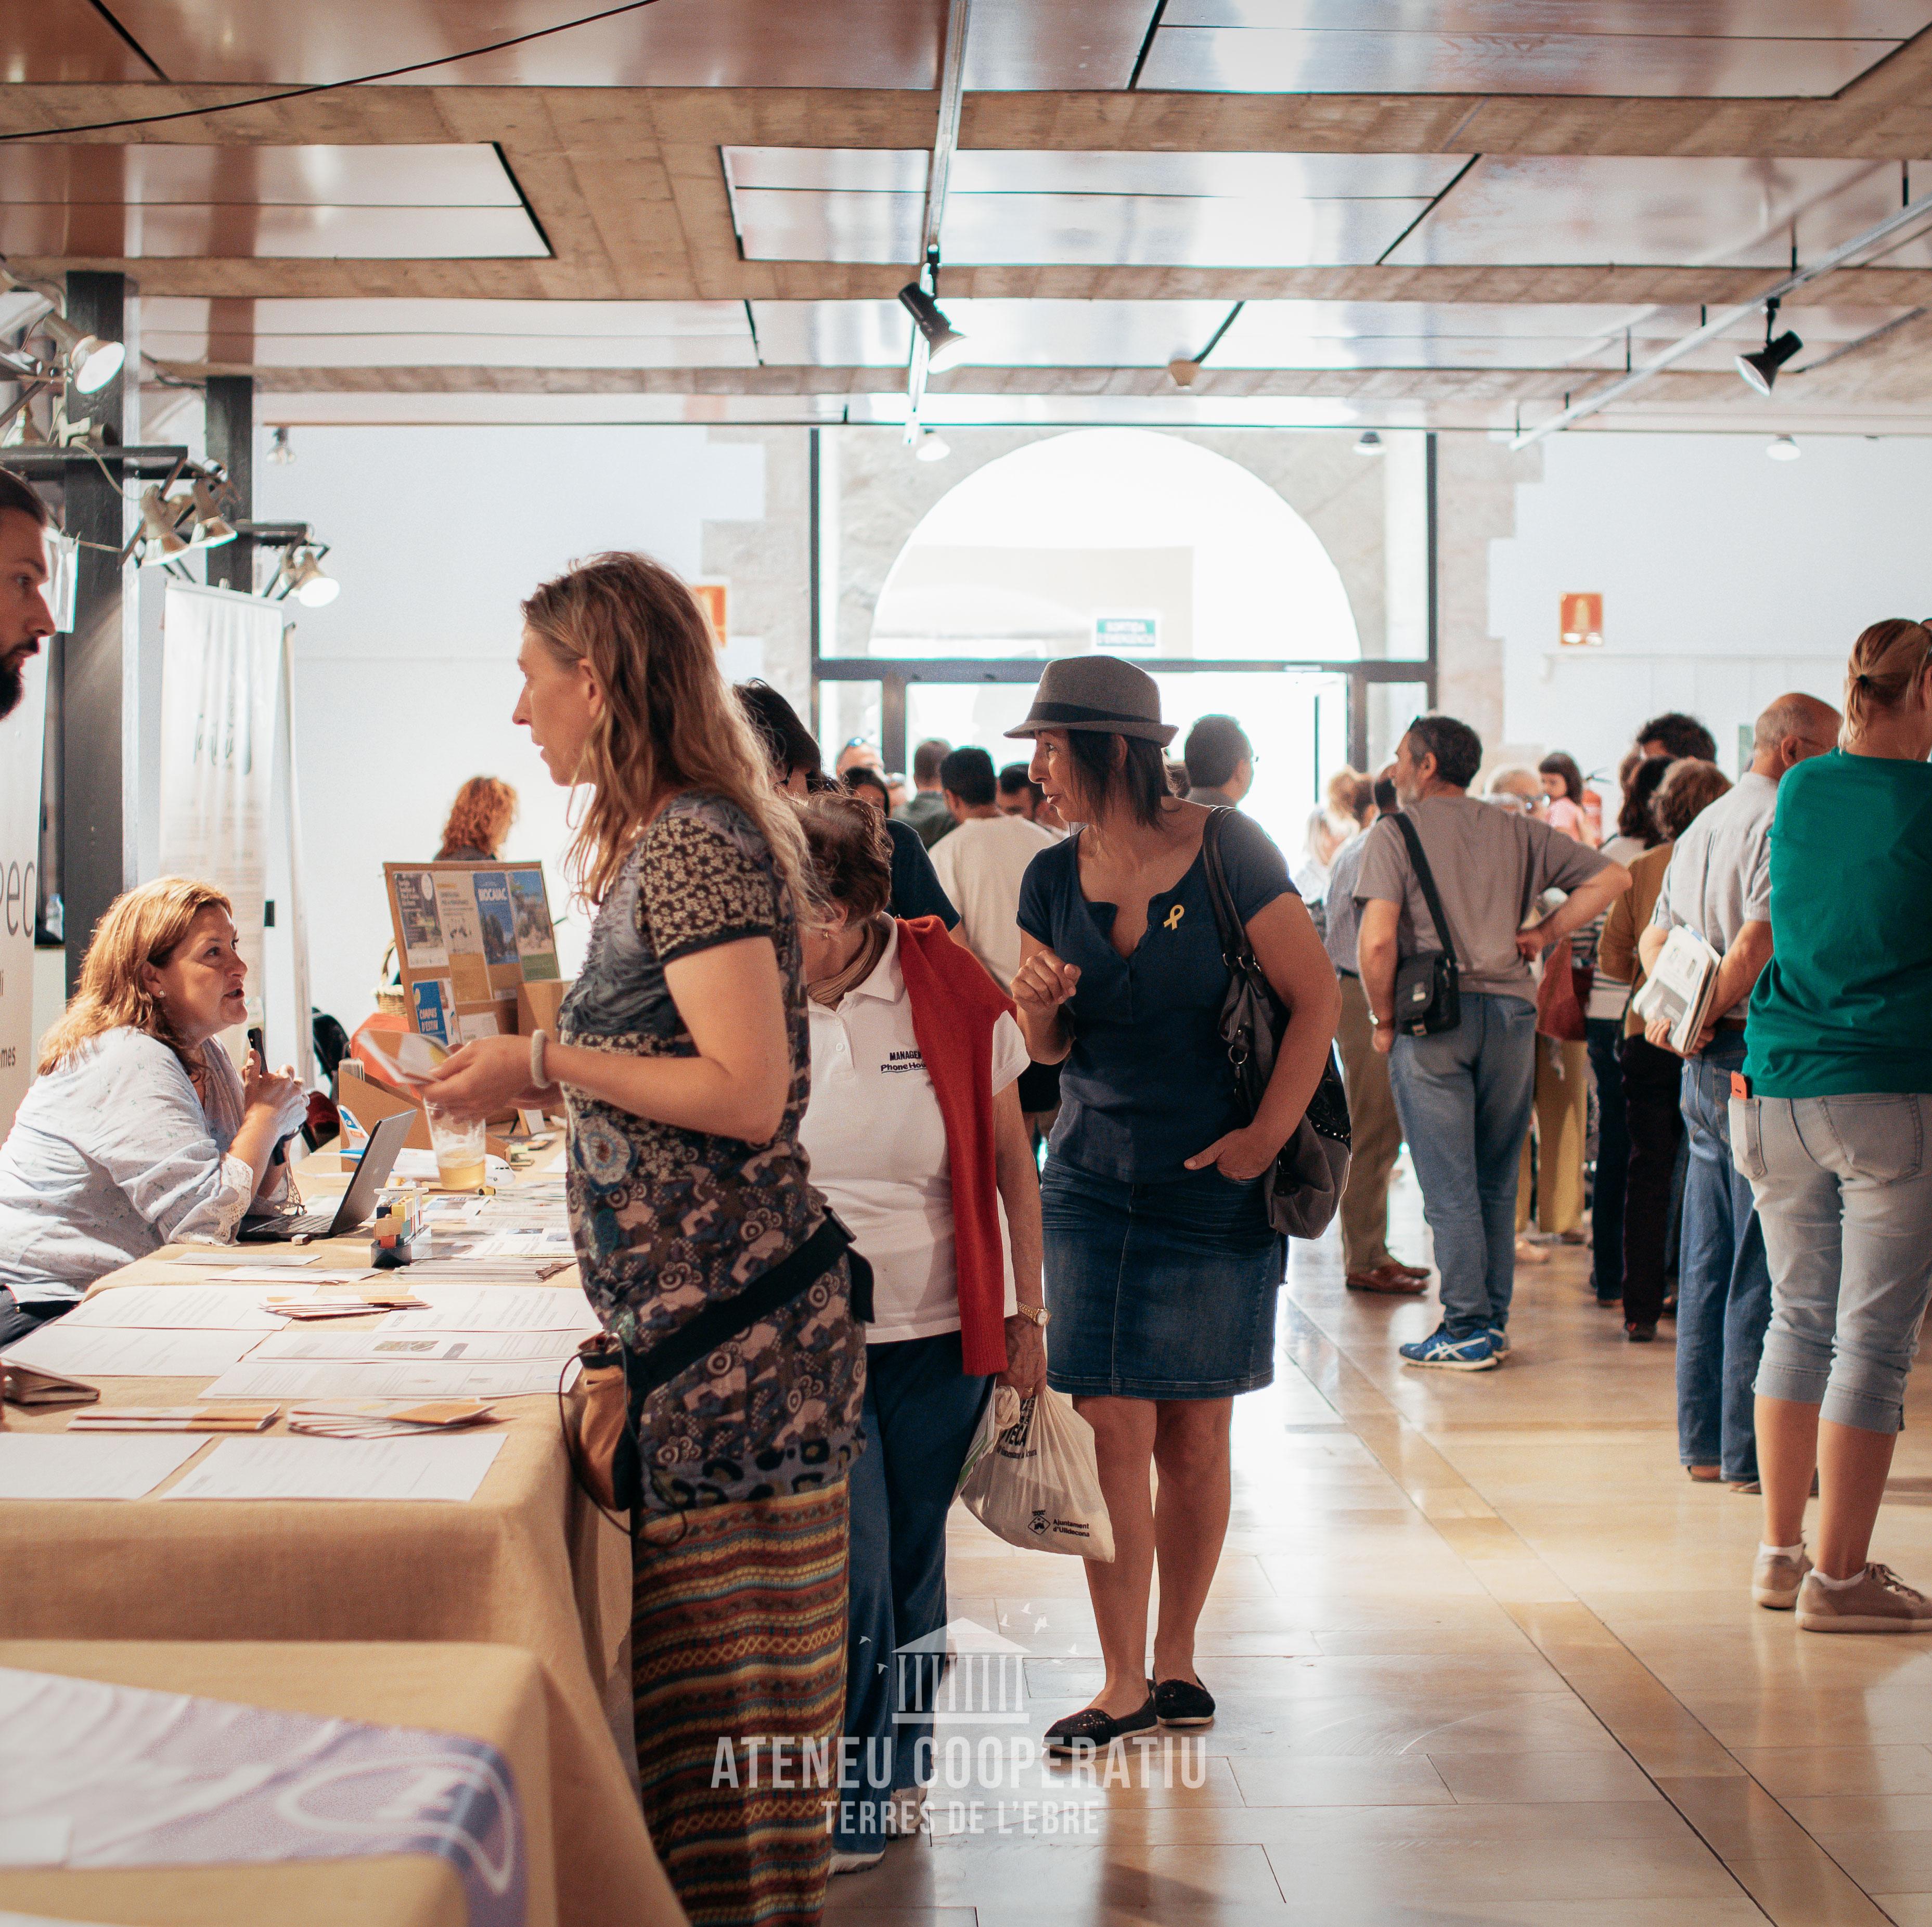 L'Ateneu Cooperatiu torna ha convertir Ulldecona amb la capital de l'Economia Social i el Cooperativisme a Terres de l'Ebre